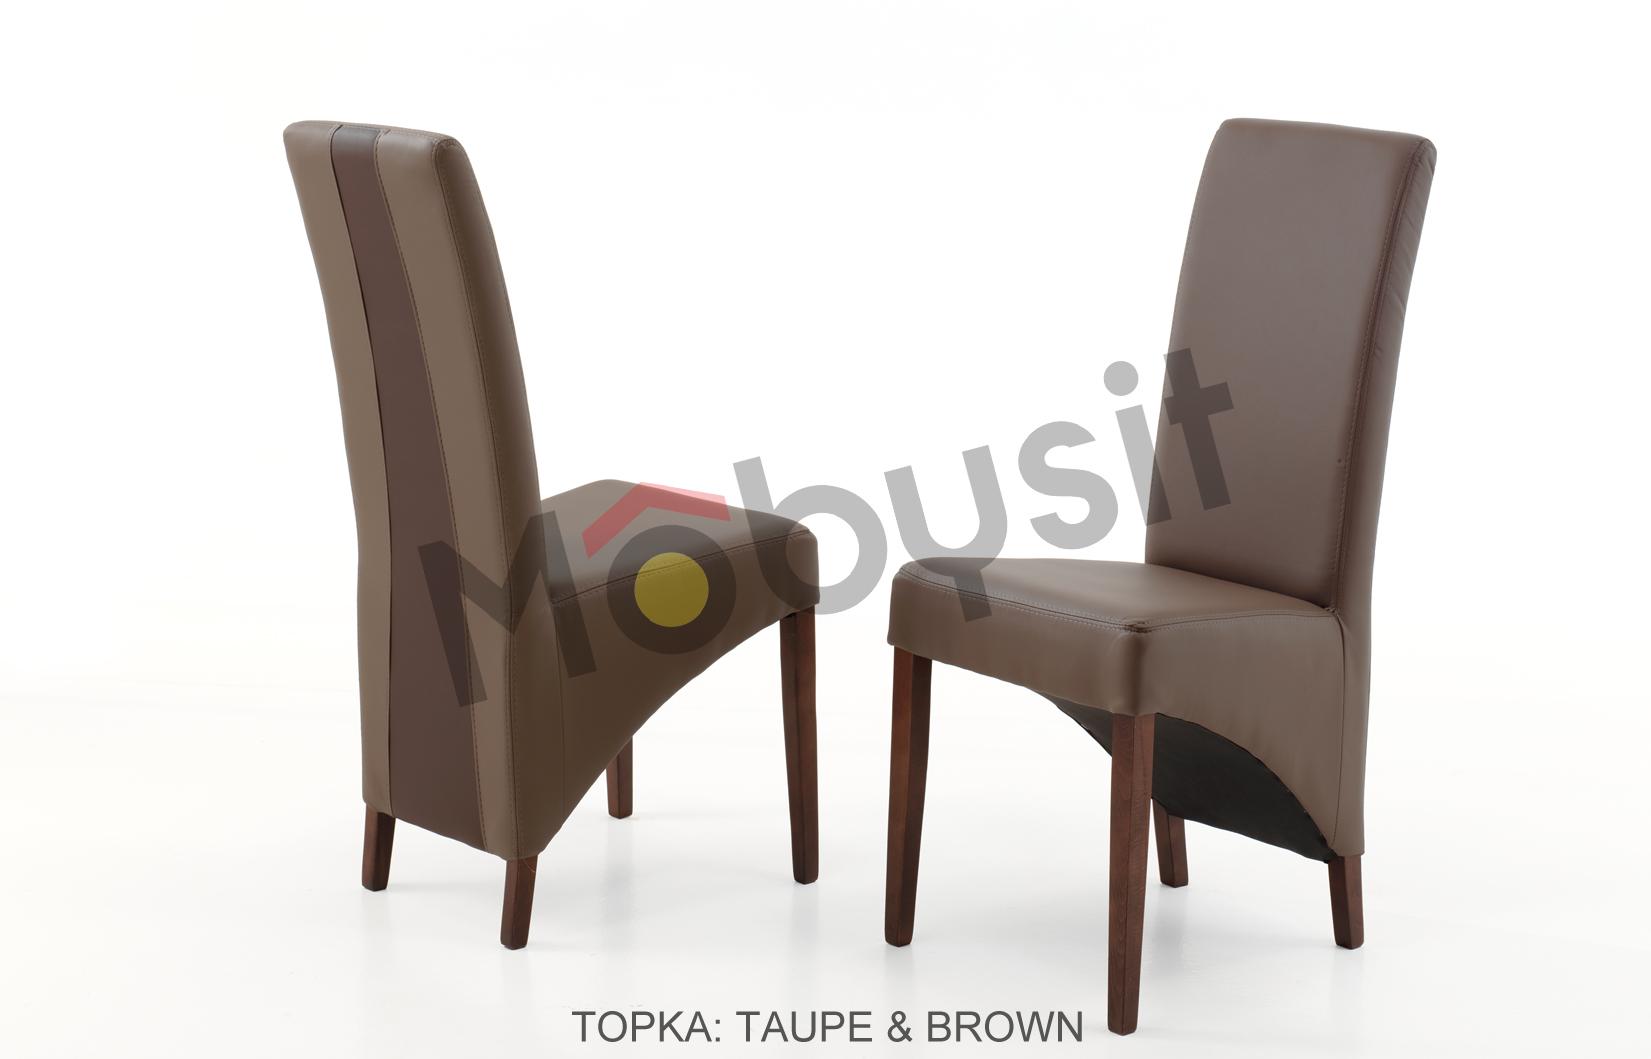 Topka BIG Taupe & Brown